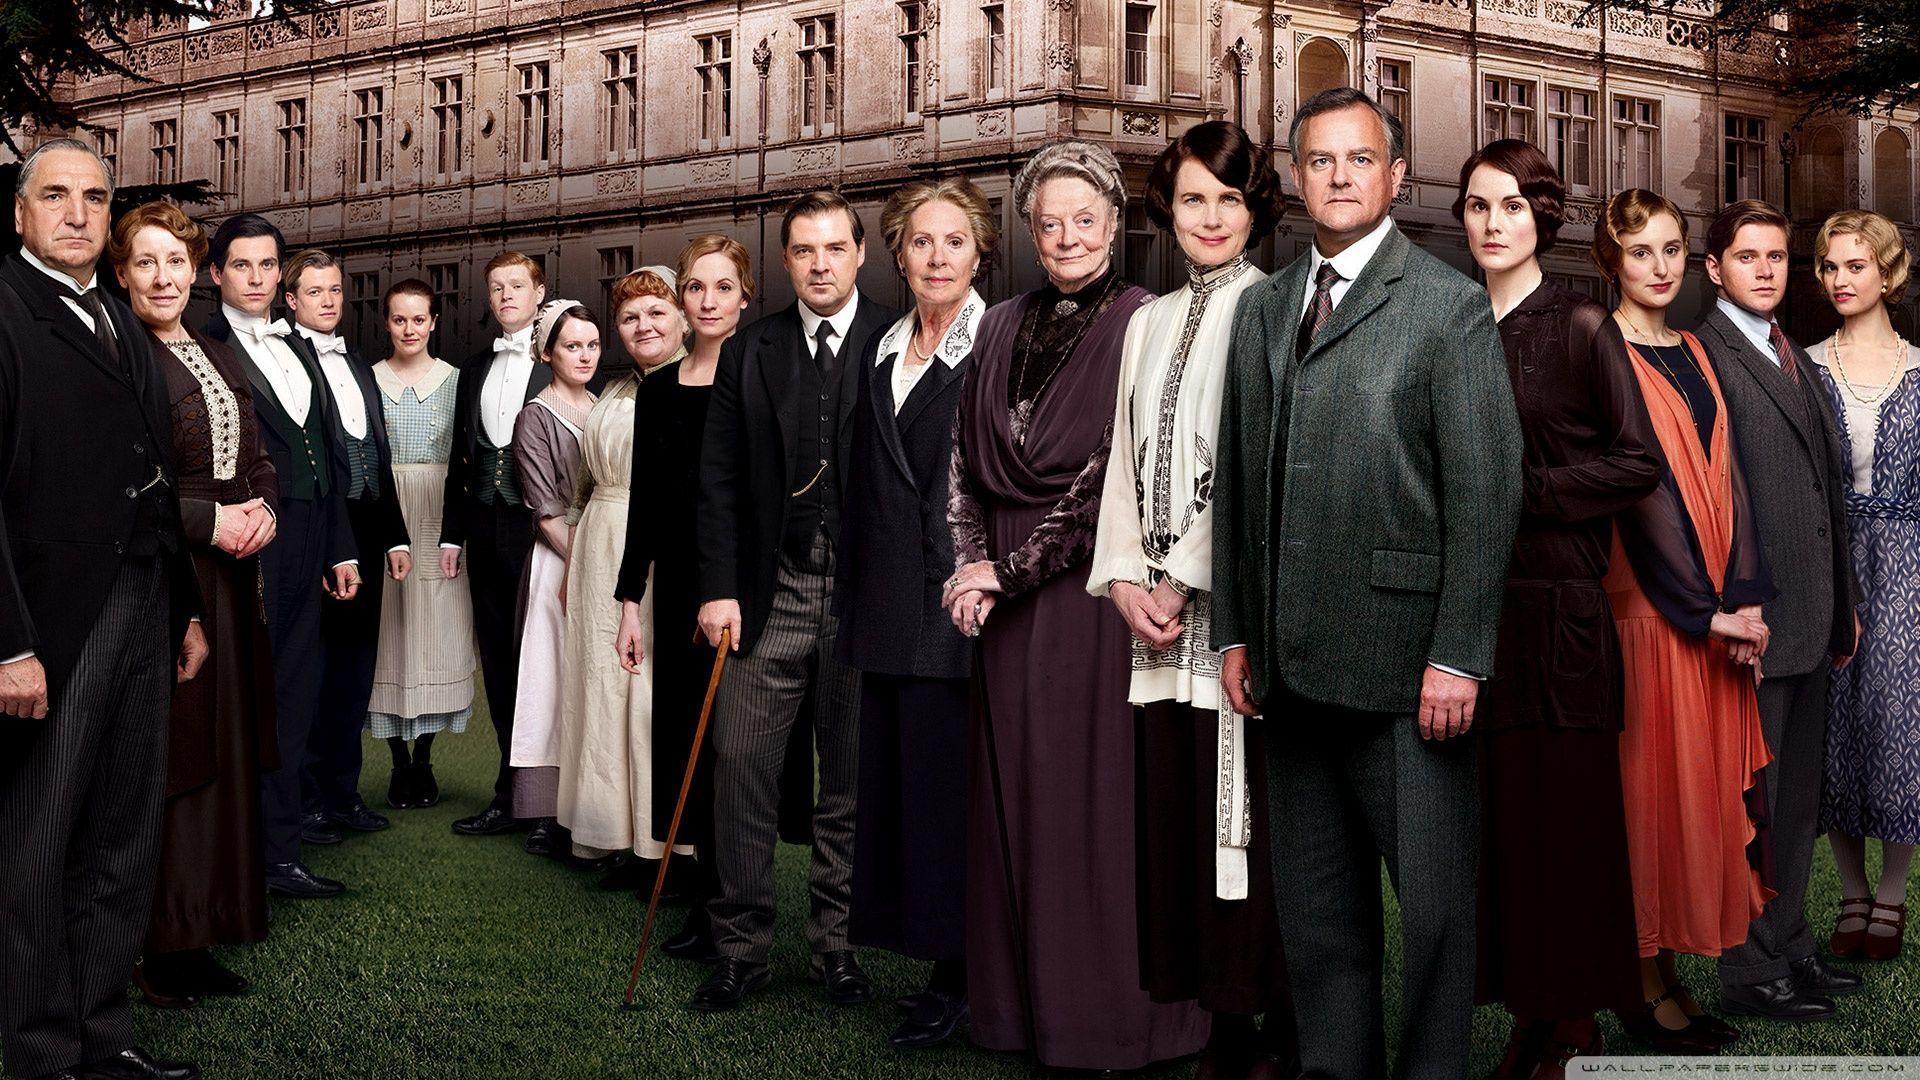 Downton Abbey Wallpapers Top Free Downton Abbey